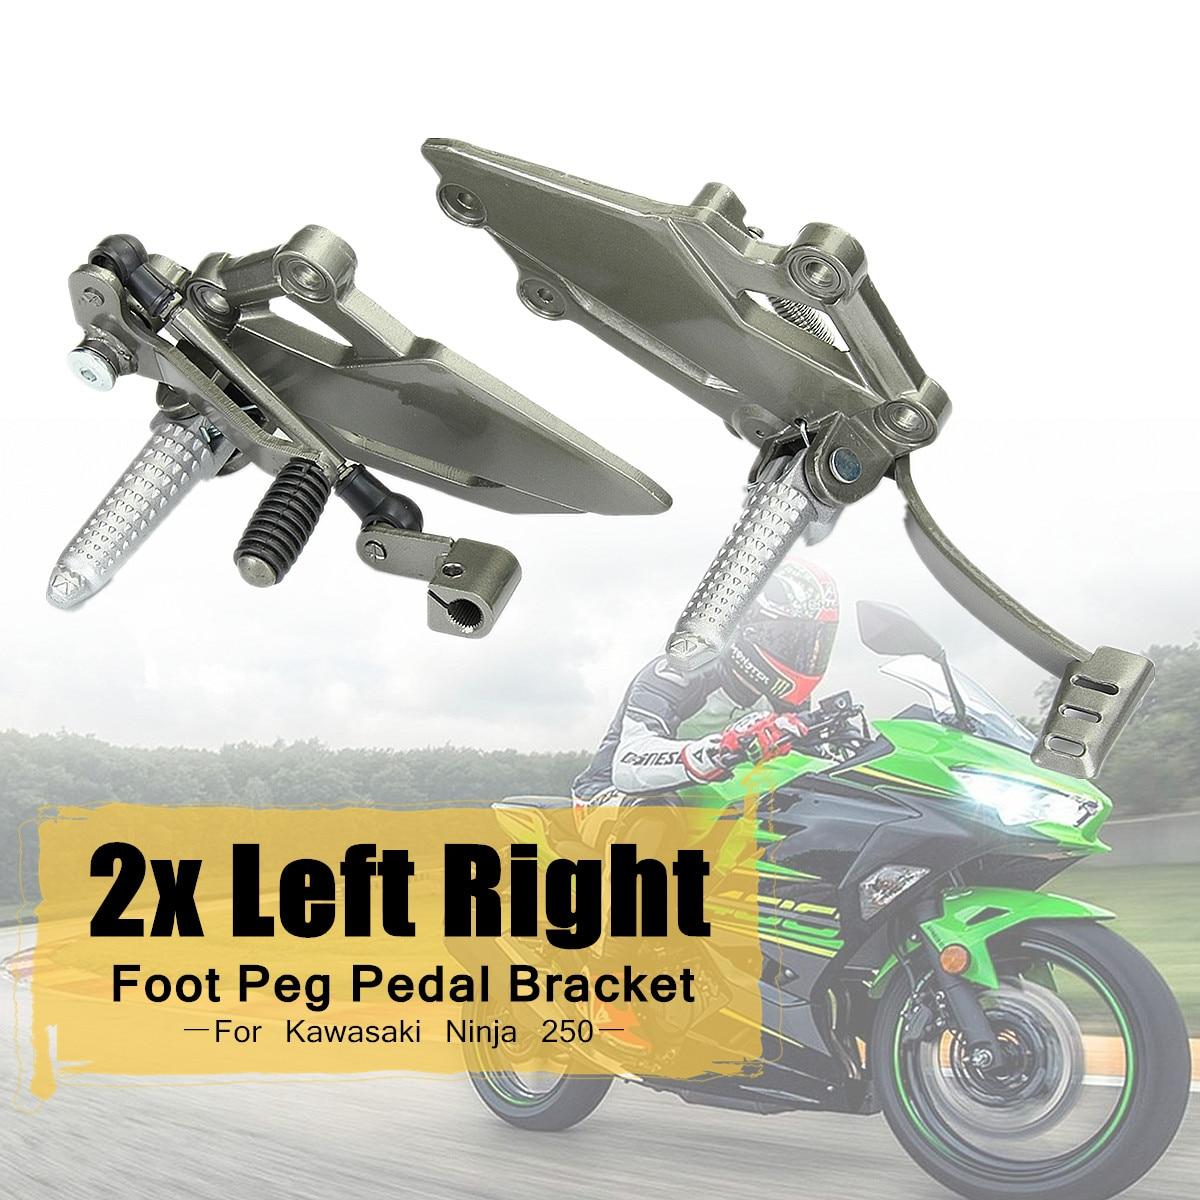 2x Gauche Droite Arrière Pied Peg Pédale De Frein Repose-pieds Support pour Kawasaki Ninja 250 En Alliage D'aluminium Surface De Polissage Galvanisé